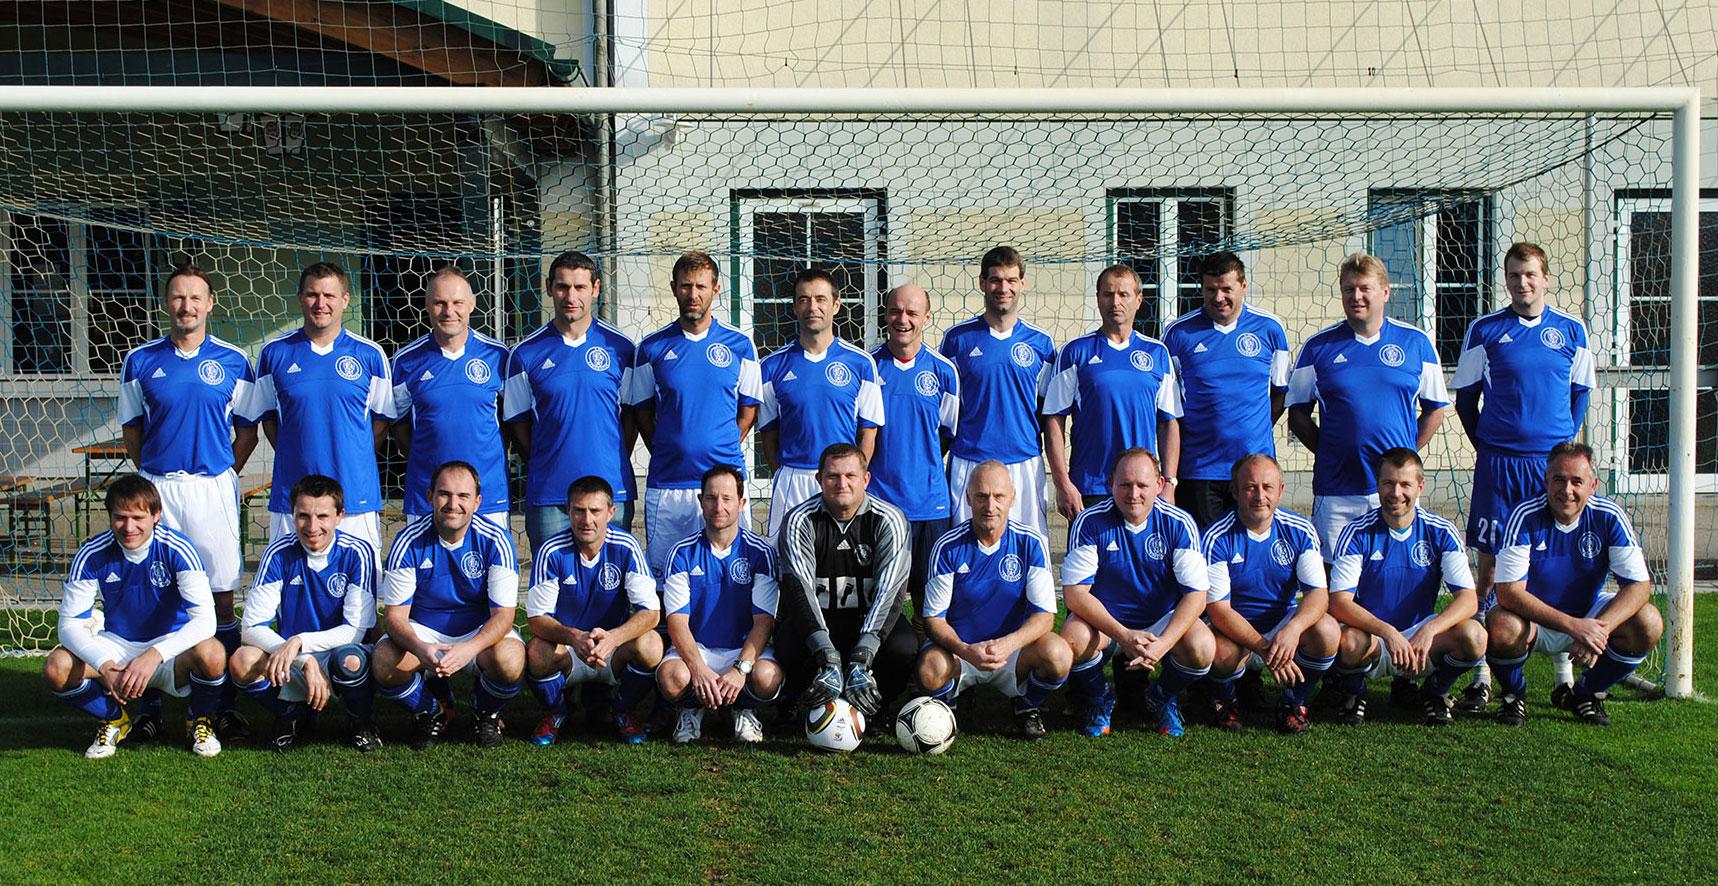 Mannschaftsfoto der Senioren